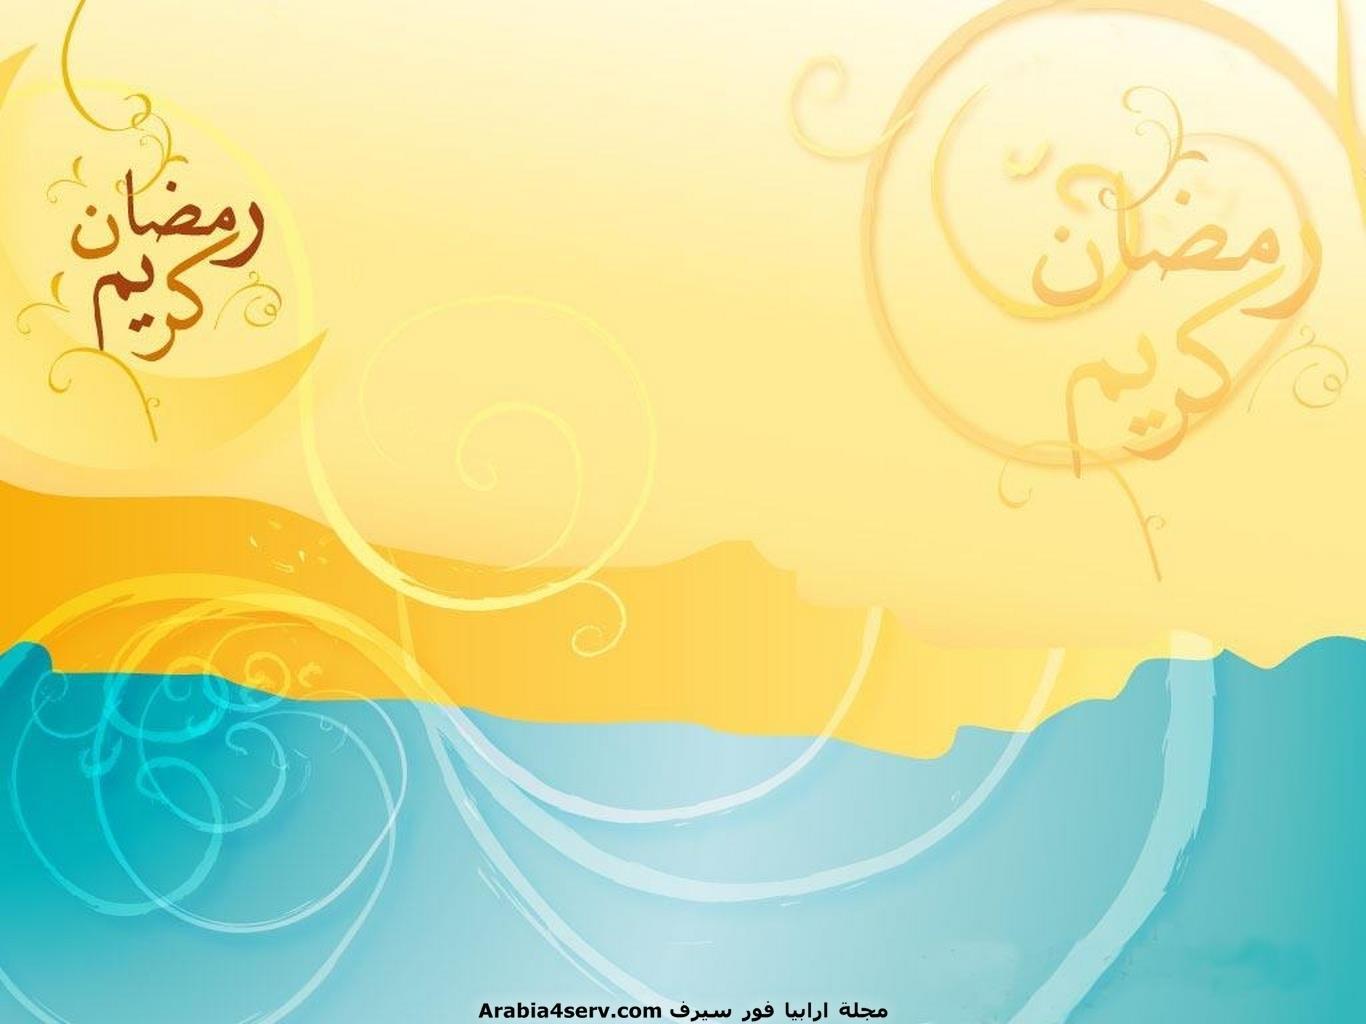 خلفيات-شهر-رمضان-الكريم-14